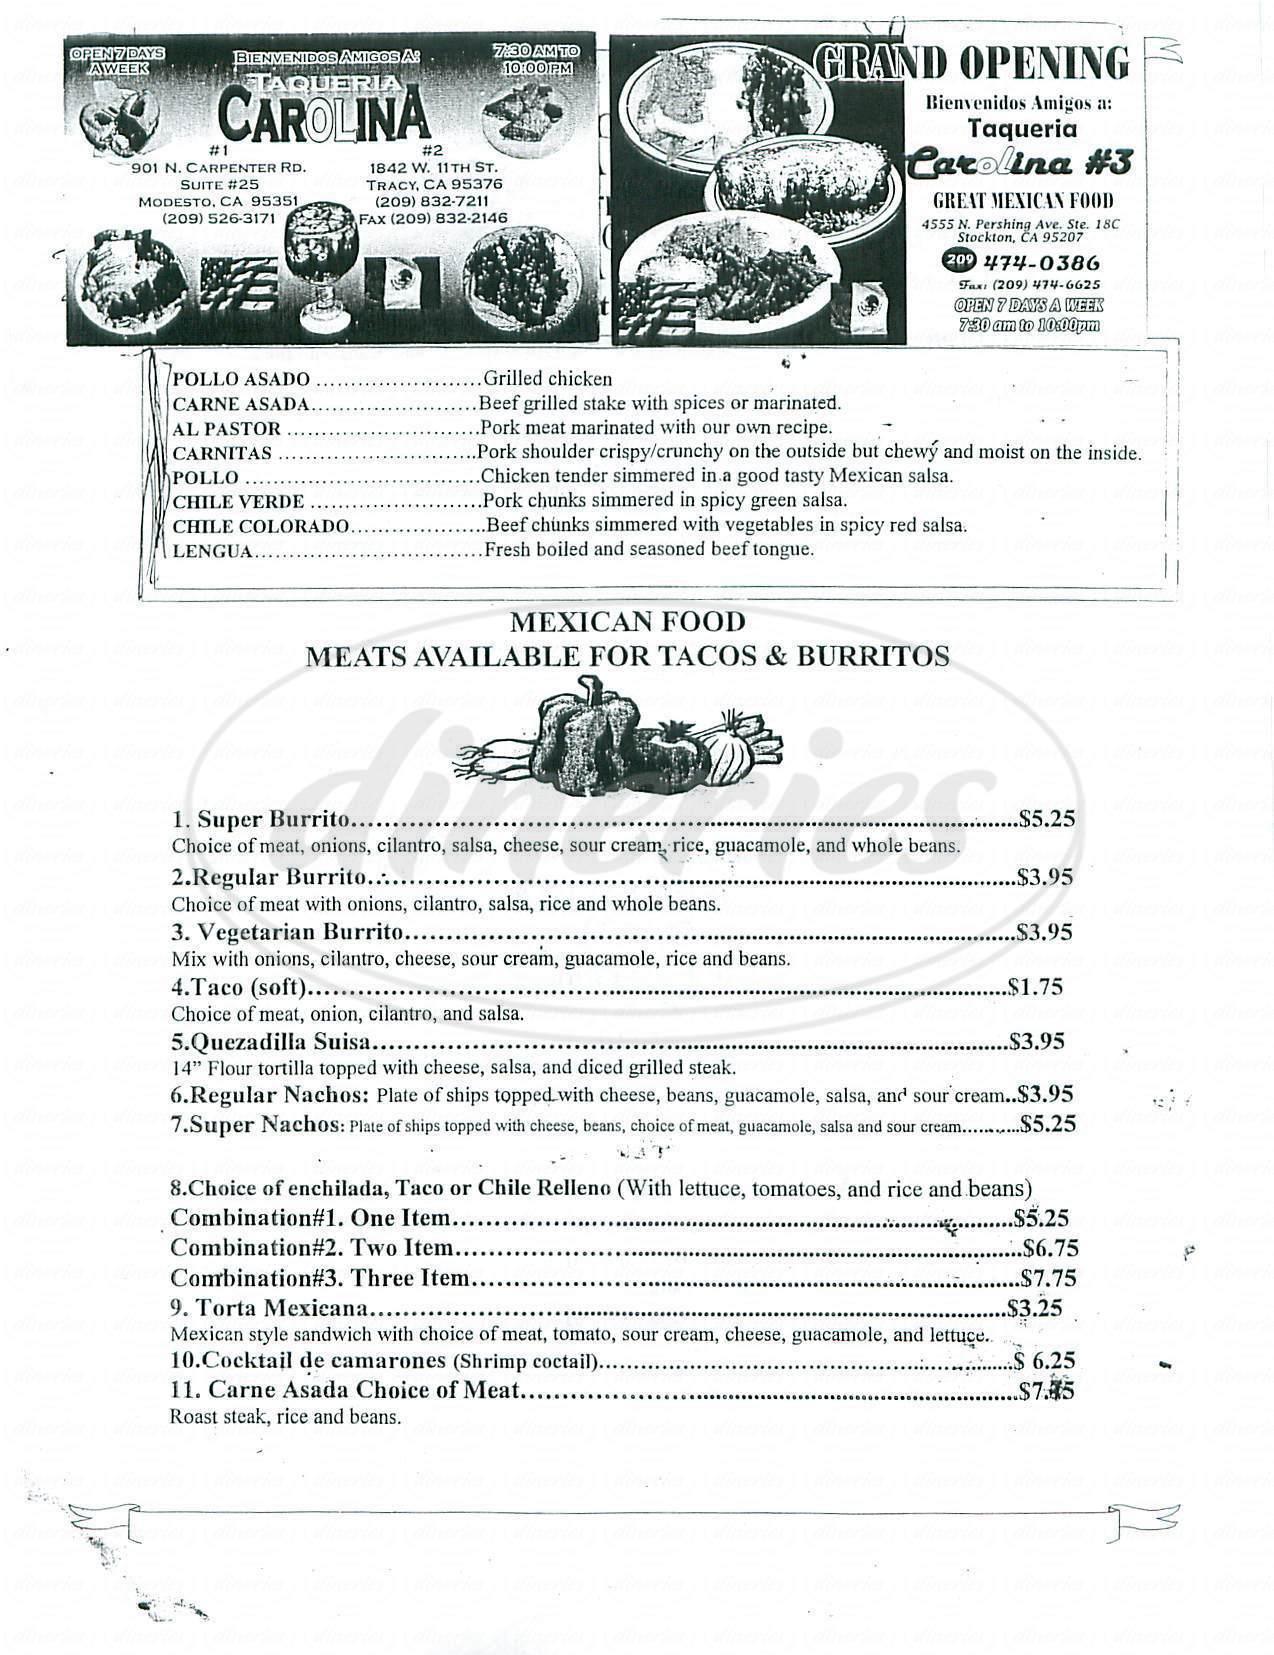 menu for Taqueria Carolina No 3